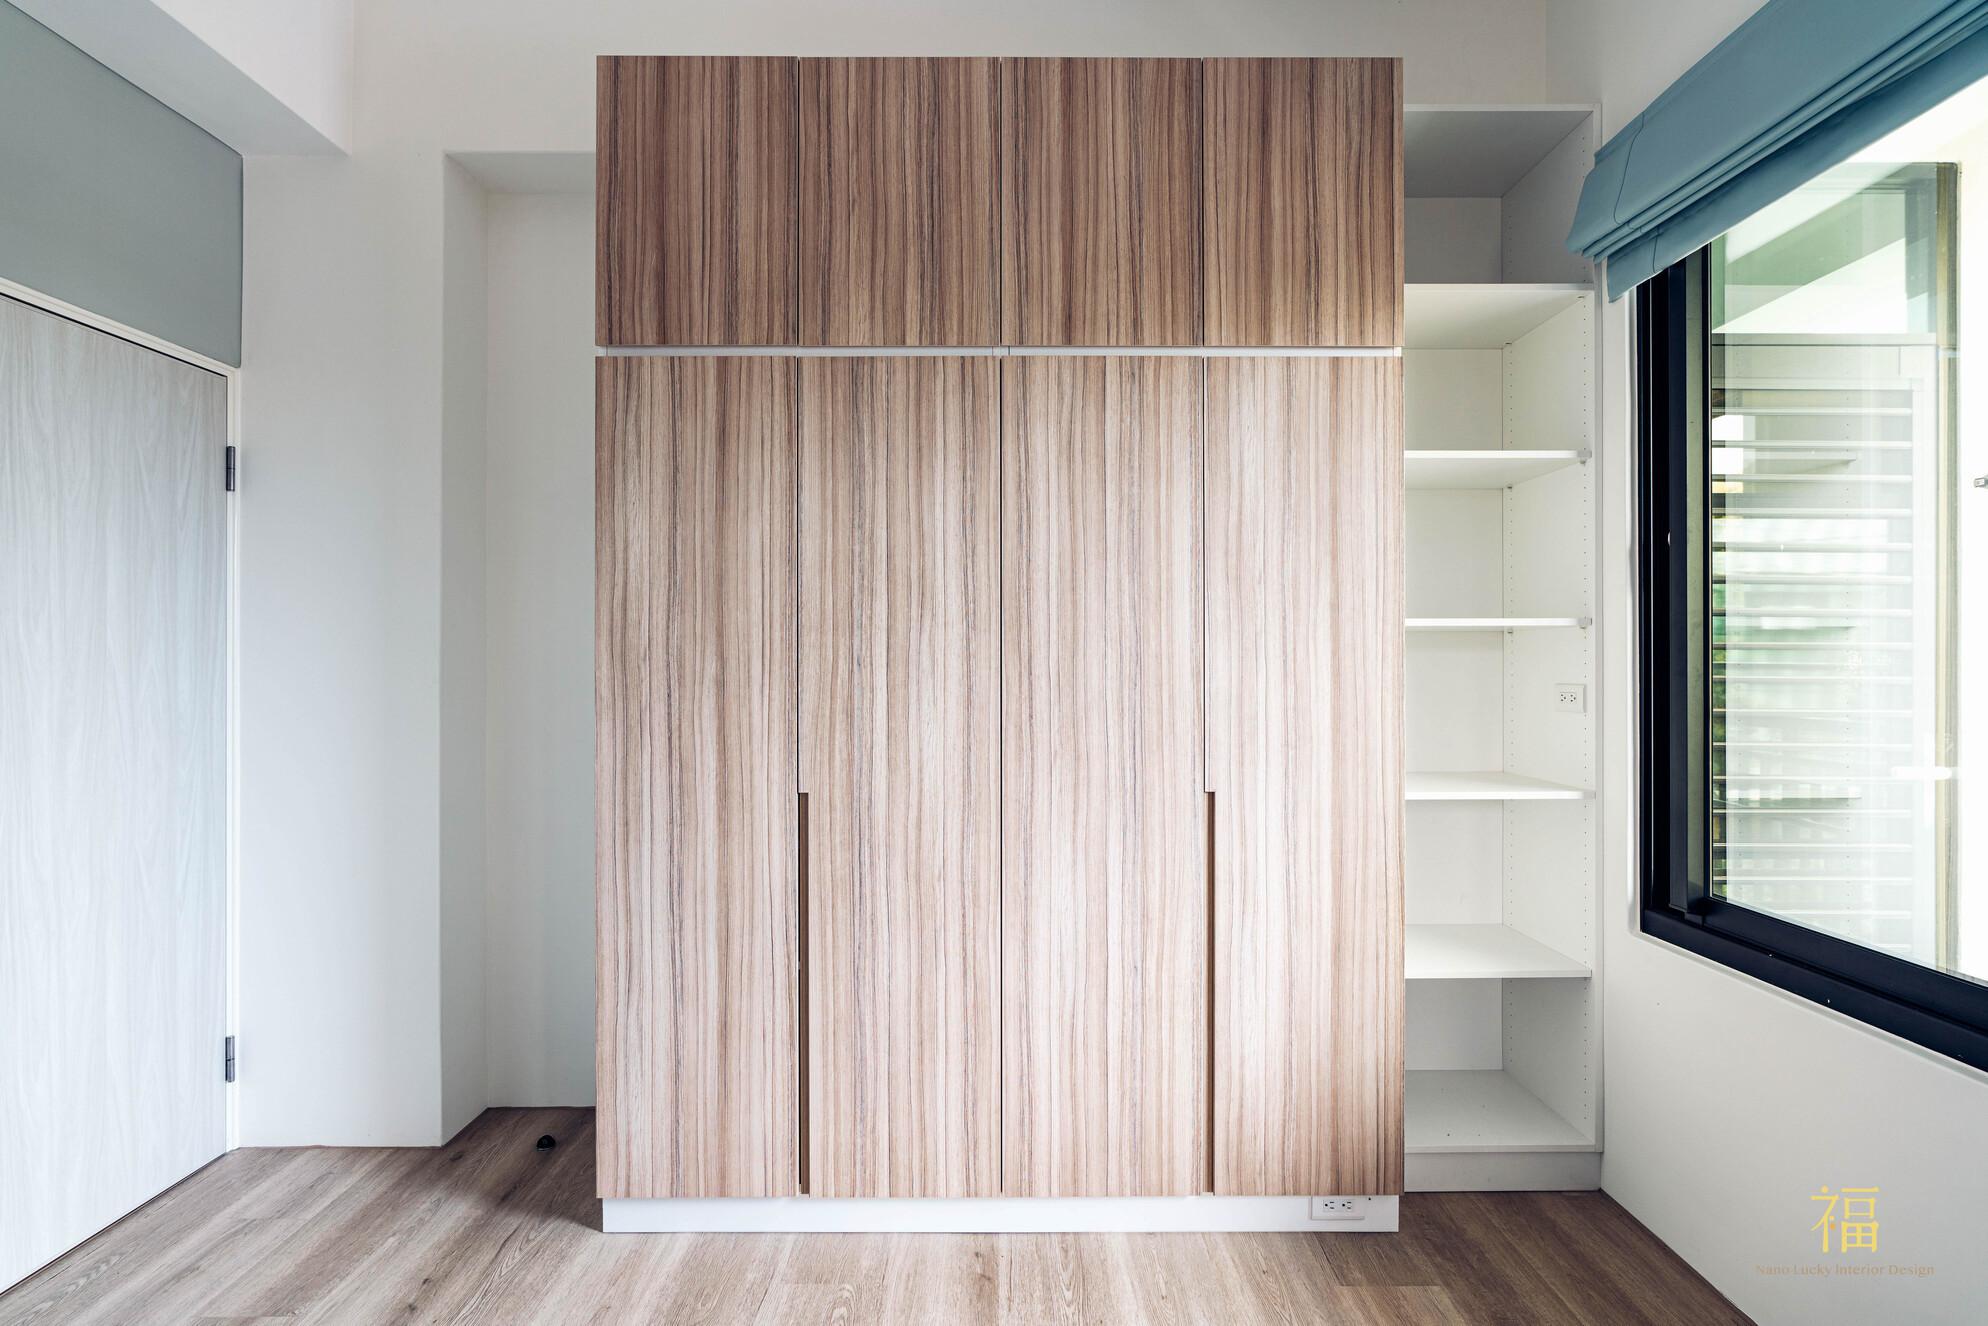 溪口盧宅|臥室系統櫃體設計|嘉義住宅空間設計